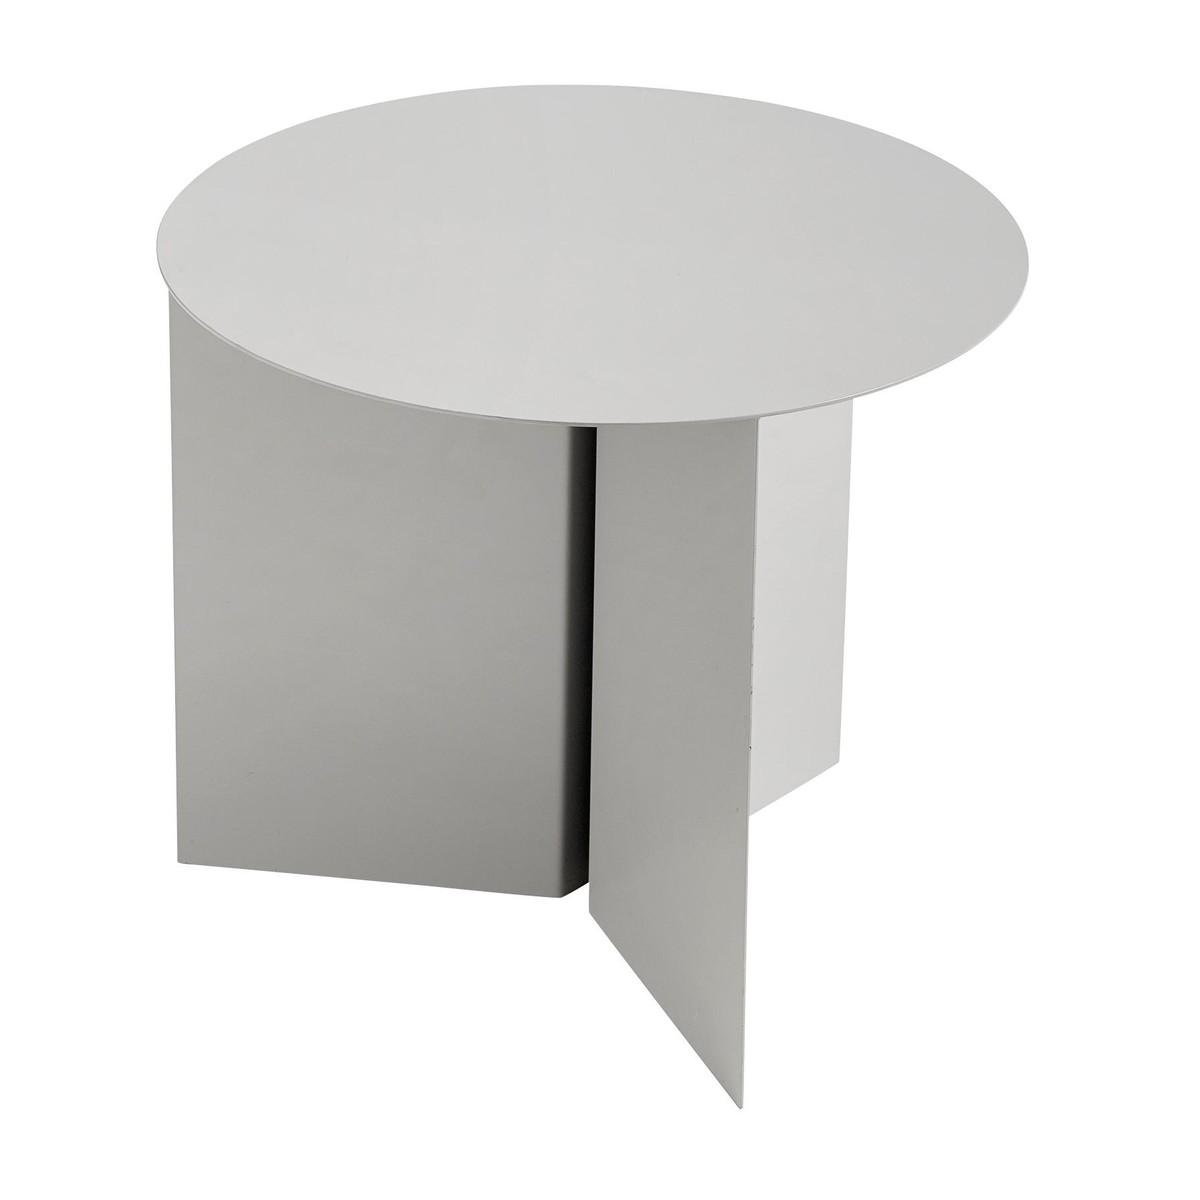 Slit table round beistelltisch hay for Beistelltisch petrol